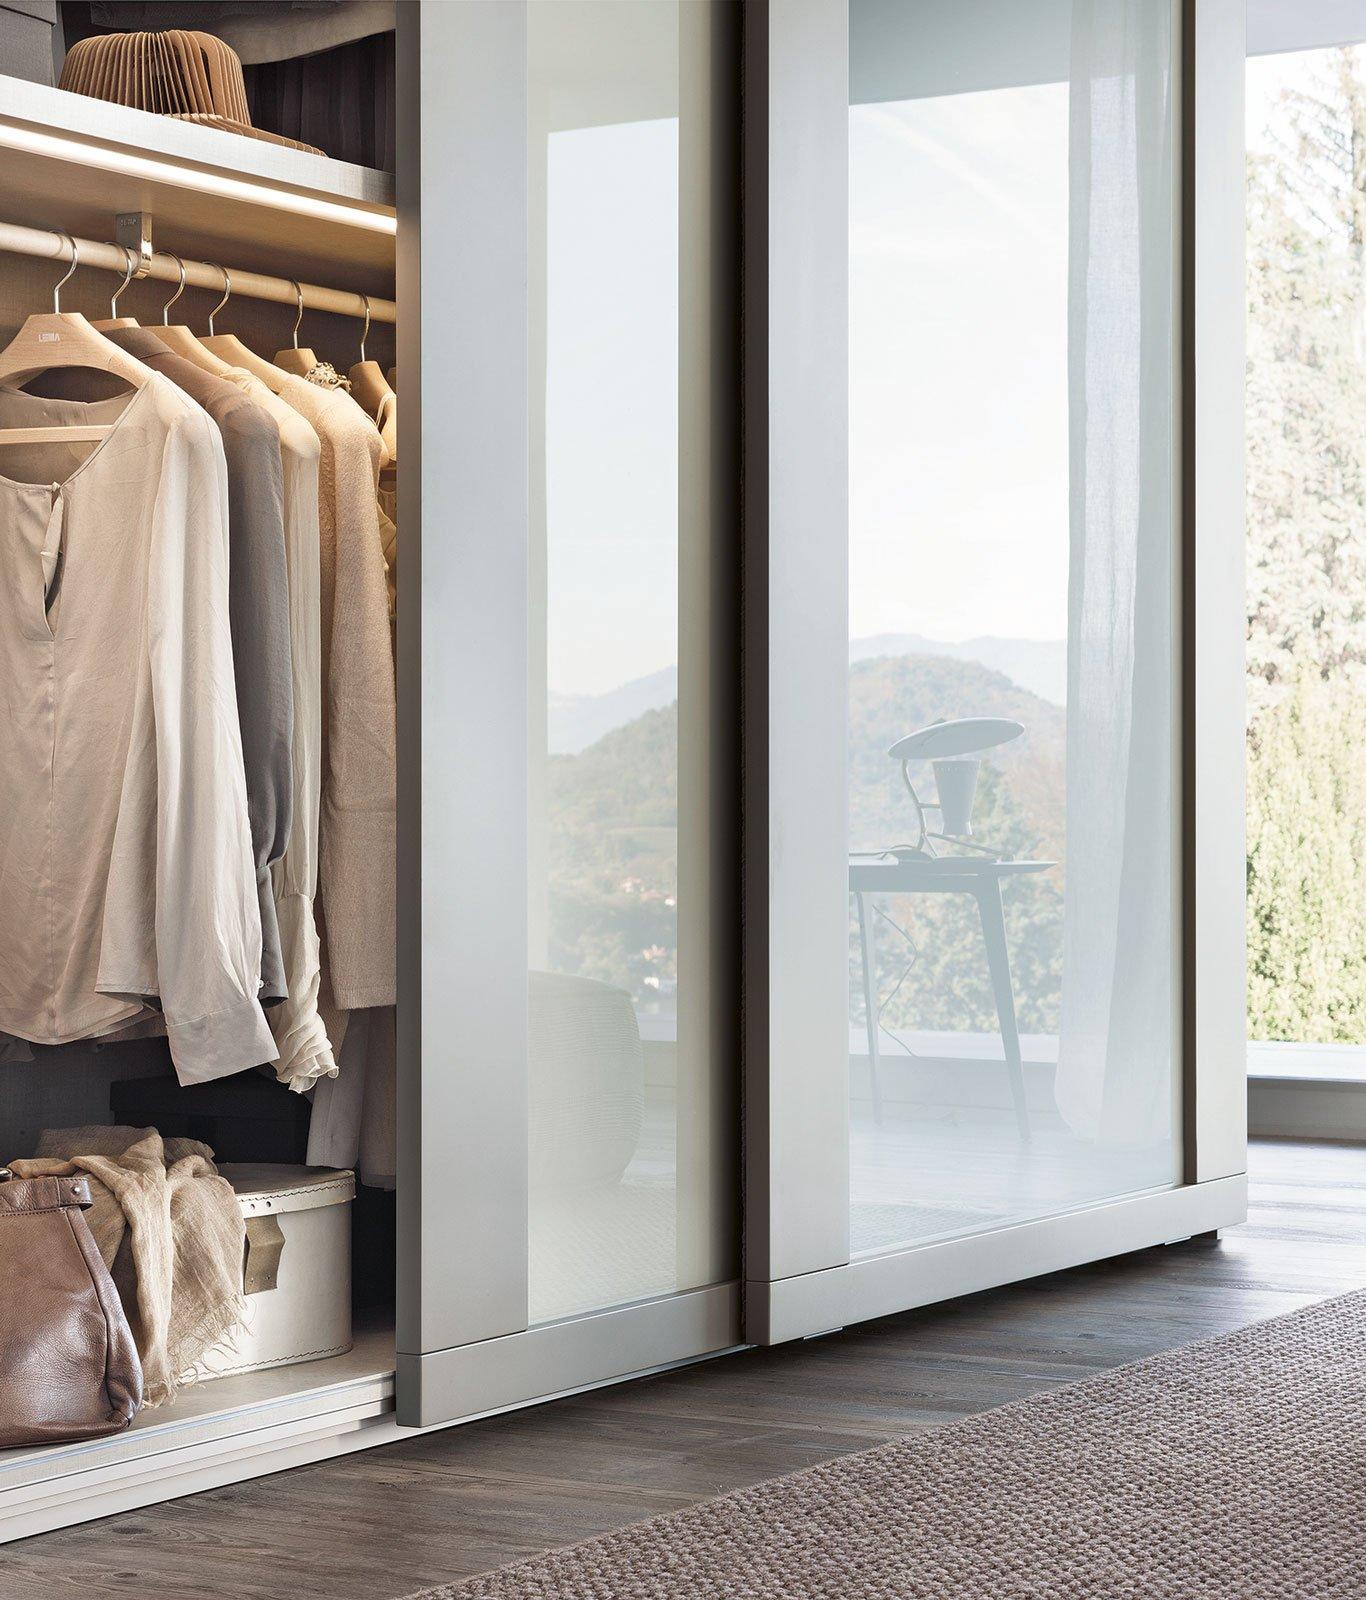 Tendenze: metallo e vetro per gli armadi e le librerie Lema - Cose di Casa